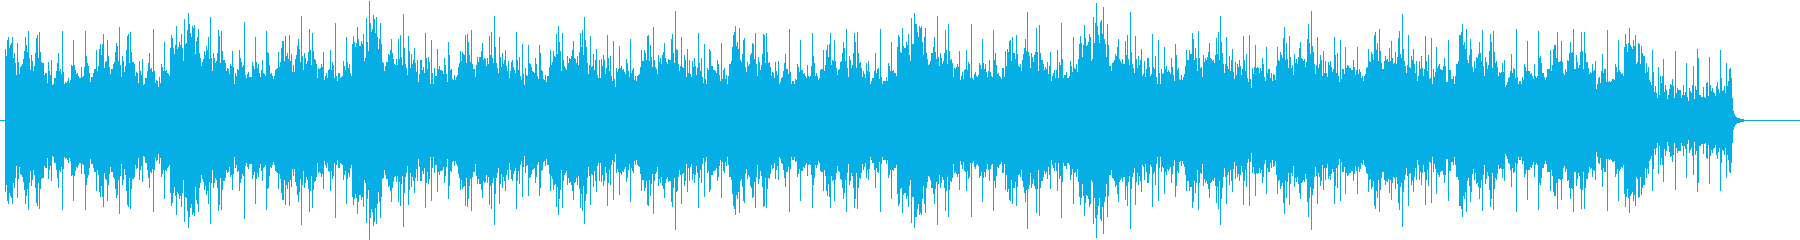 タイムラプス用BGMの再生済みの波形